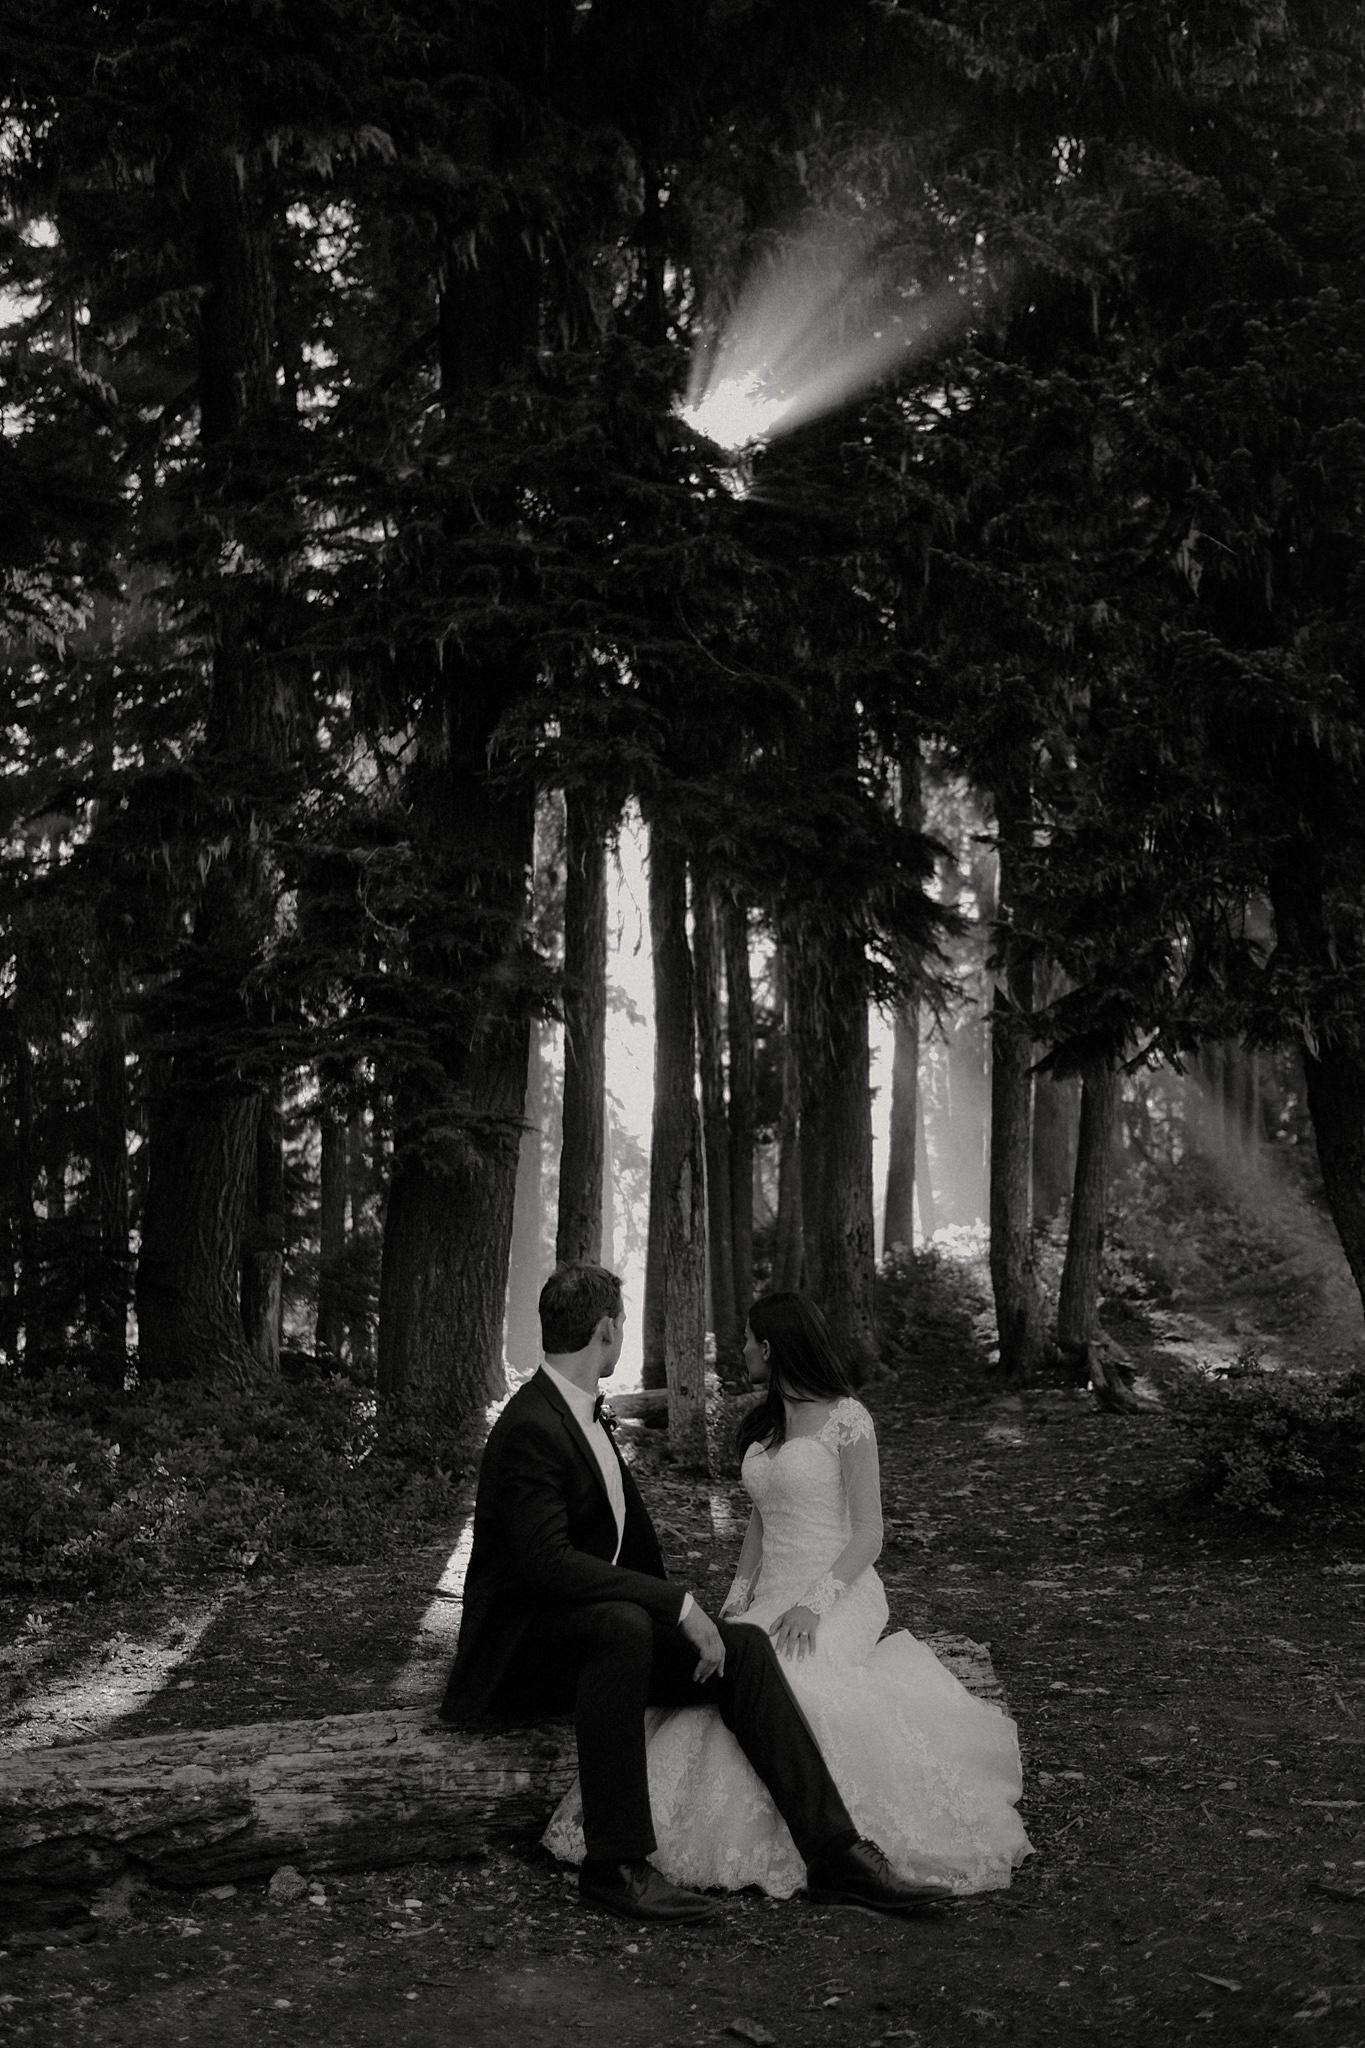 mindy-michael-cascade-mountains-elopement-wedding-43.jpg